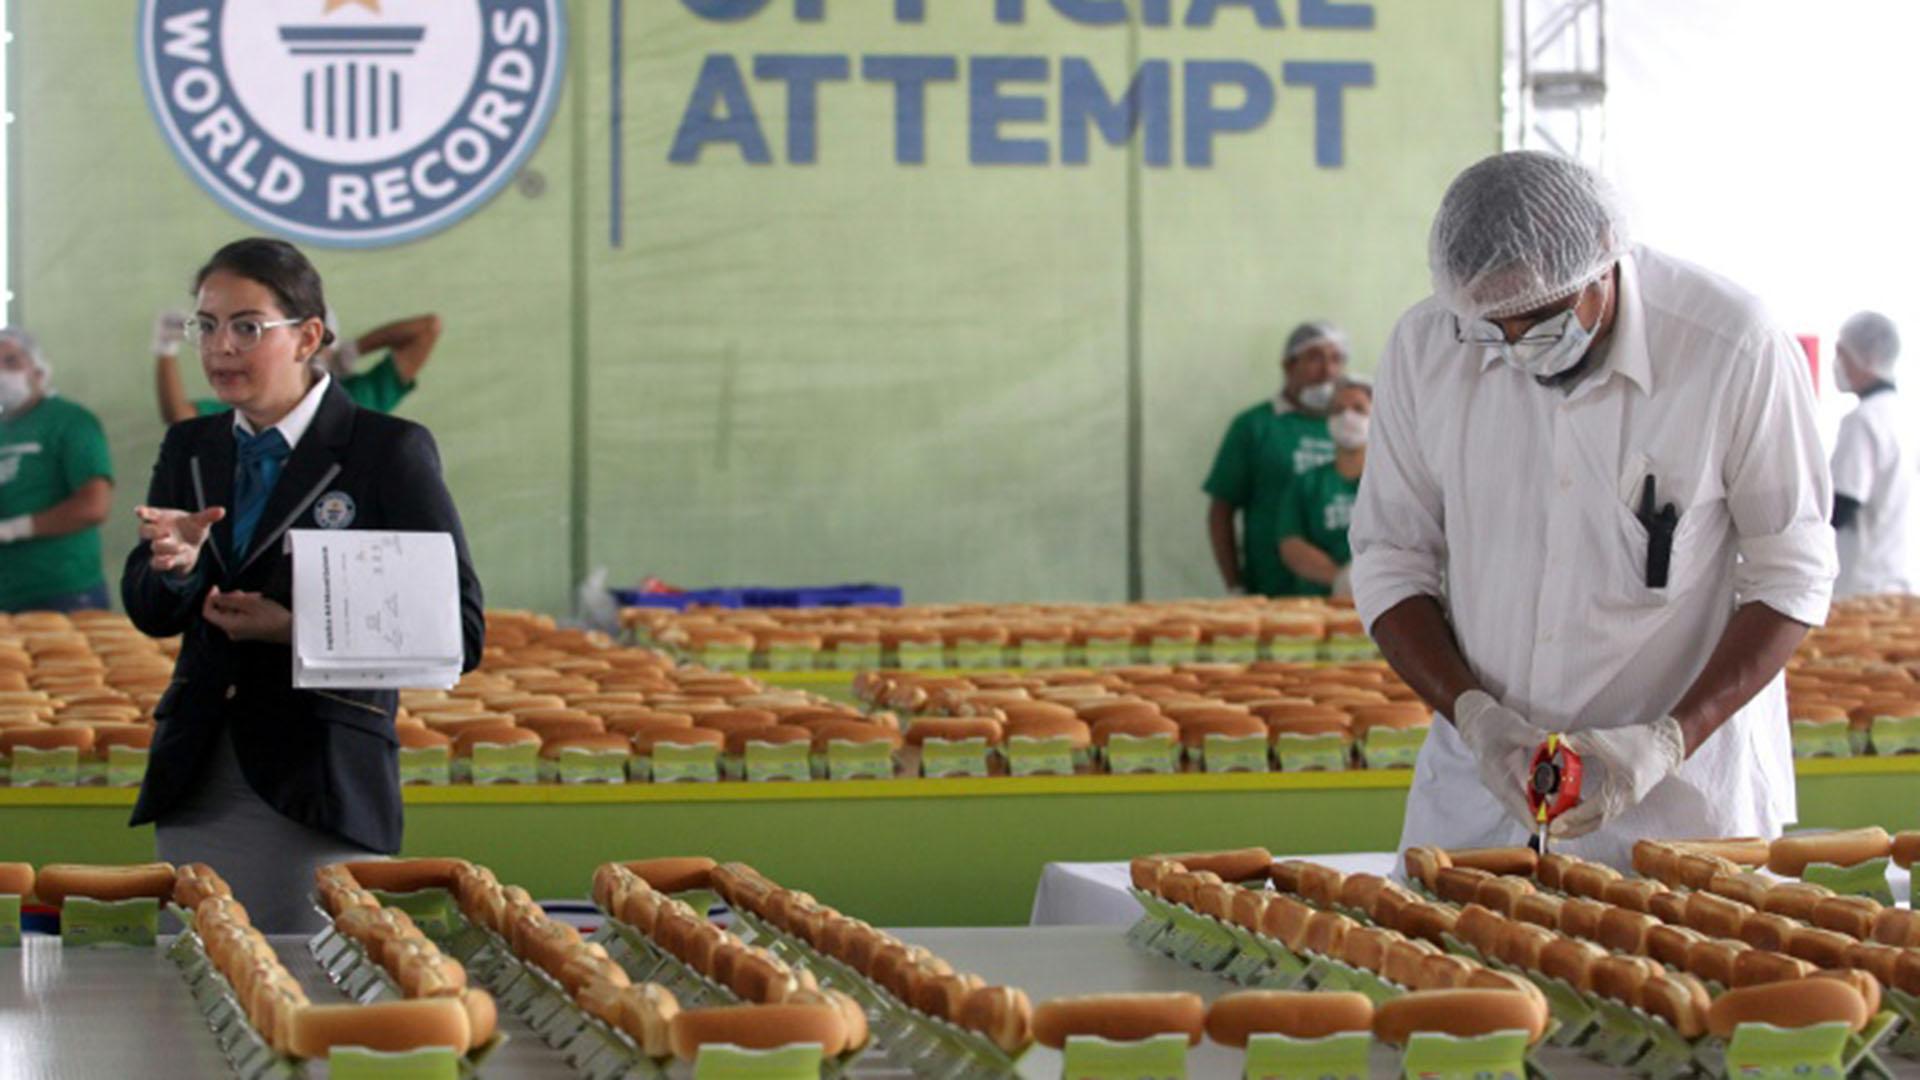 El récord anterior pertenecía desde 2016 a Japón, con una fila de hot-dogs de 325,66 metros de largo